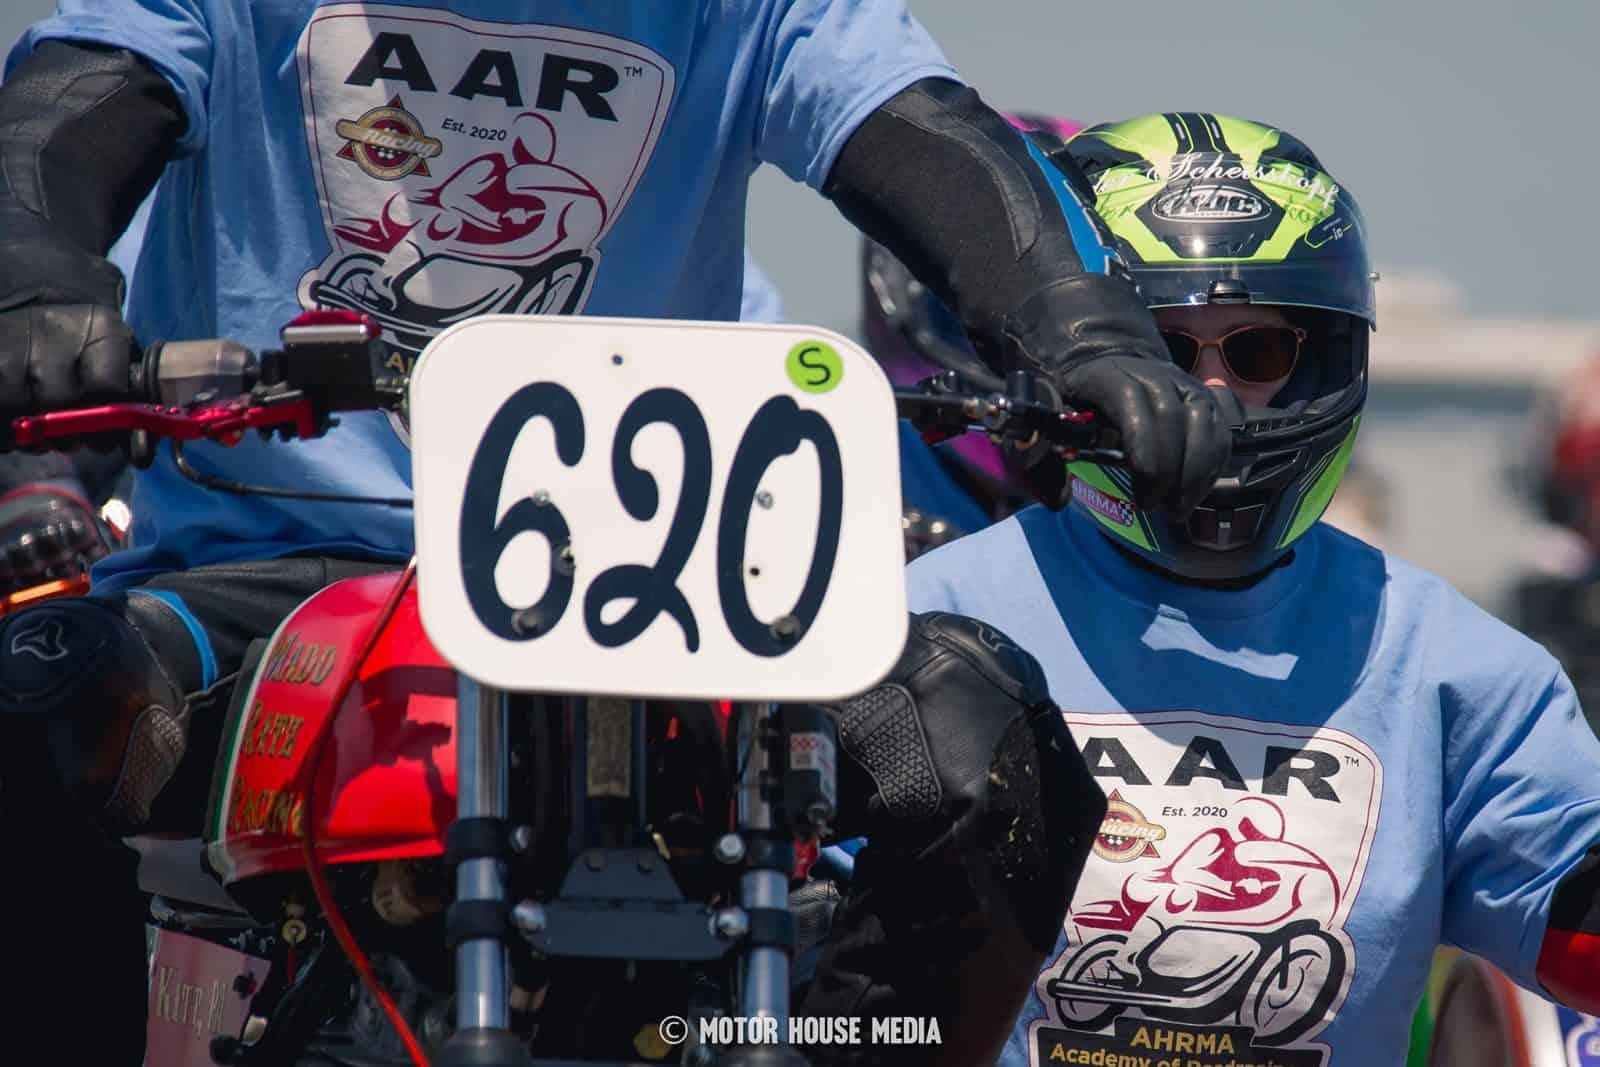 AHMRA Vintage bike racers